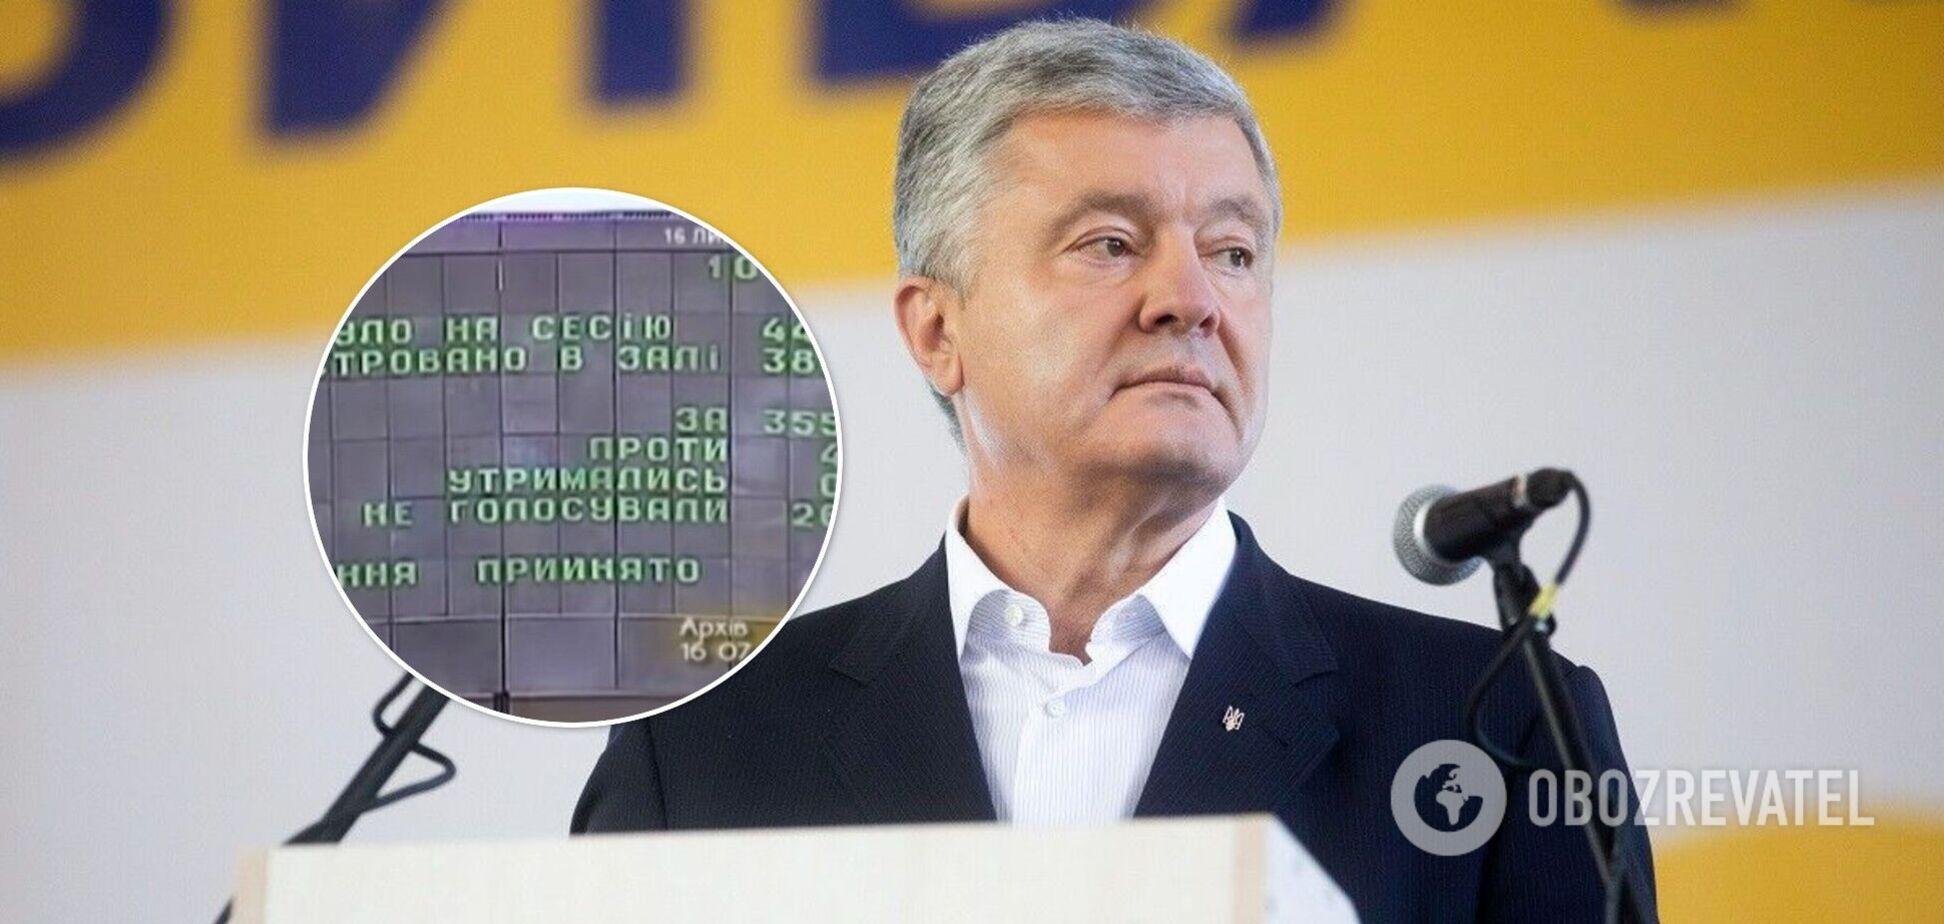 Порошенко поздравил украинцем с днем принятия декларации о государственном суверенитете